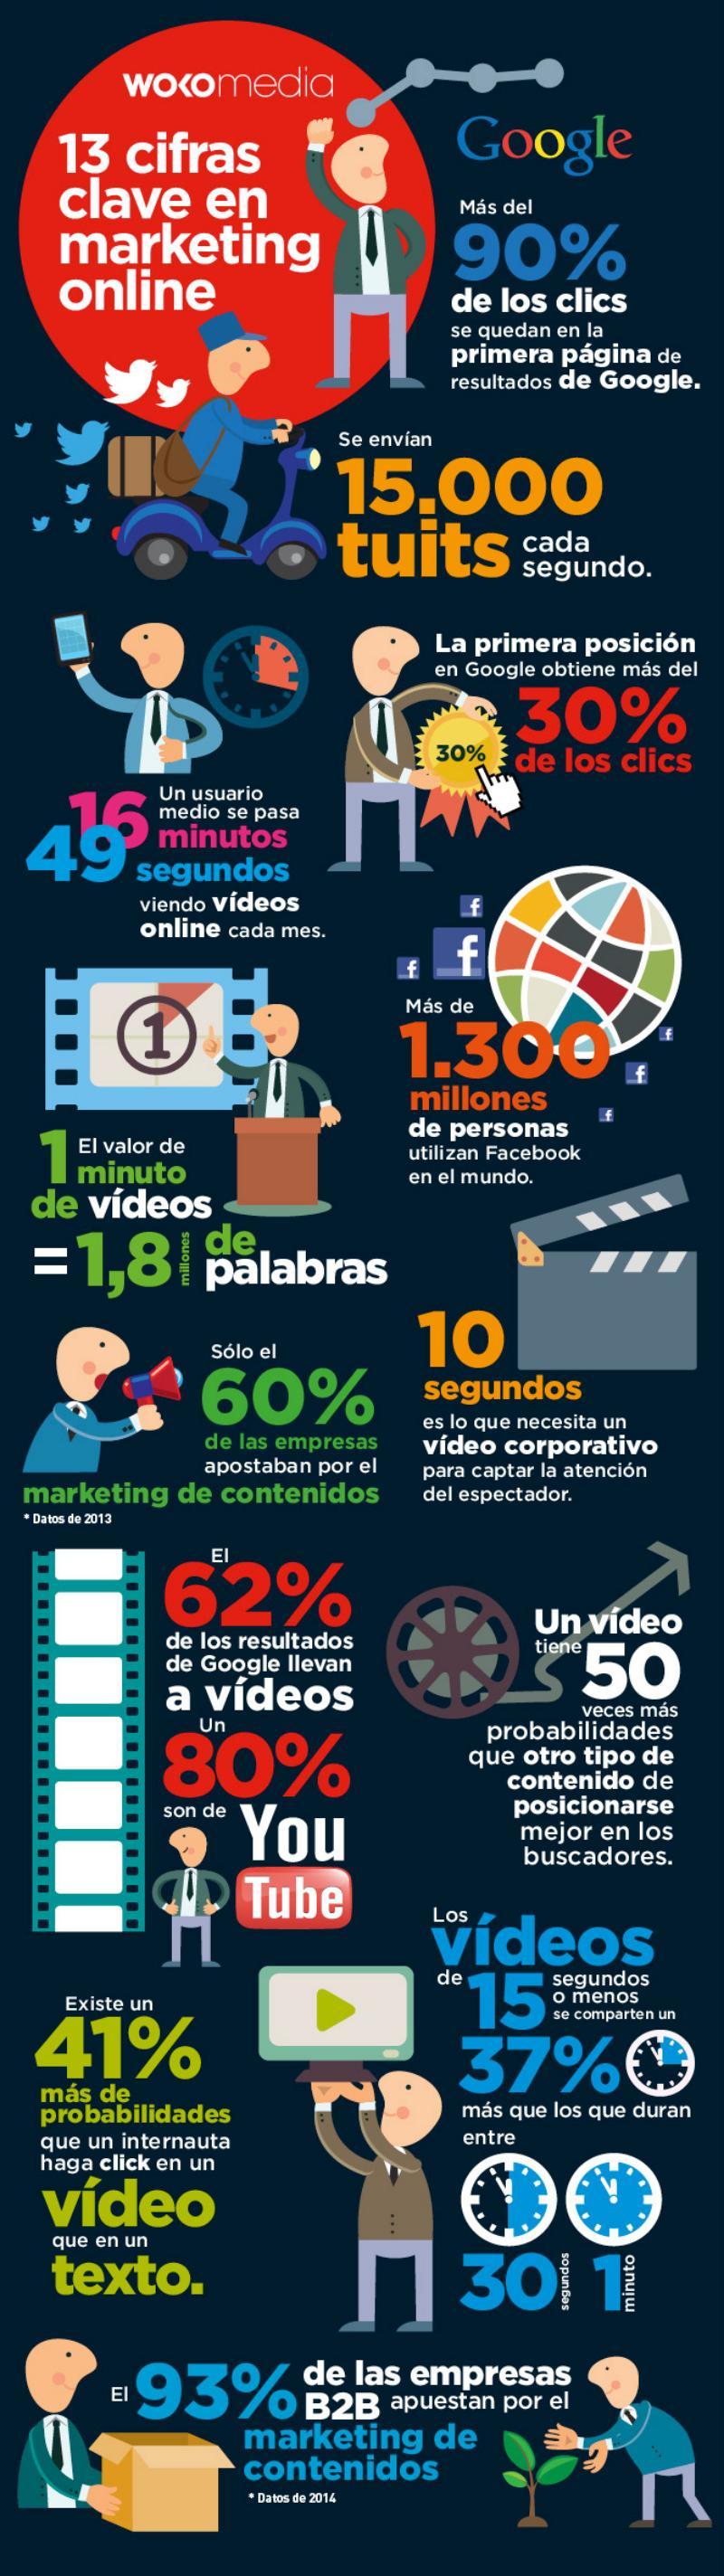 Infografía con 13 cifras clave sobre Marketing Online